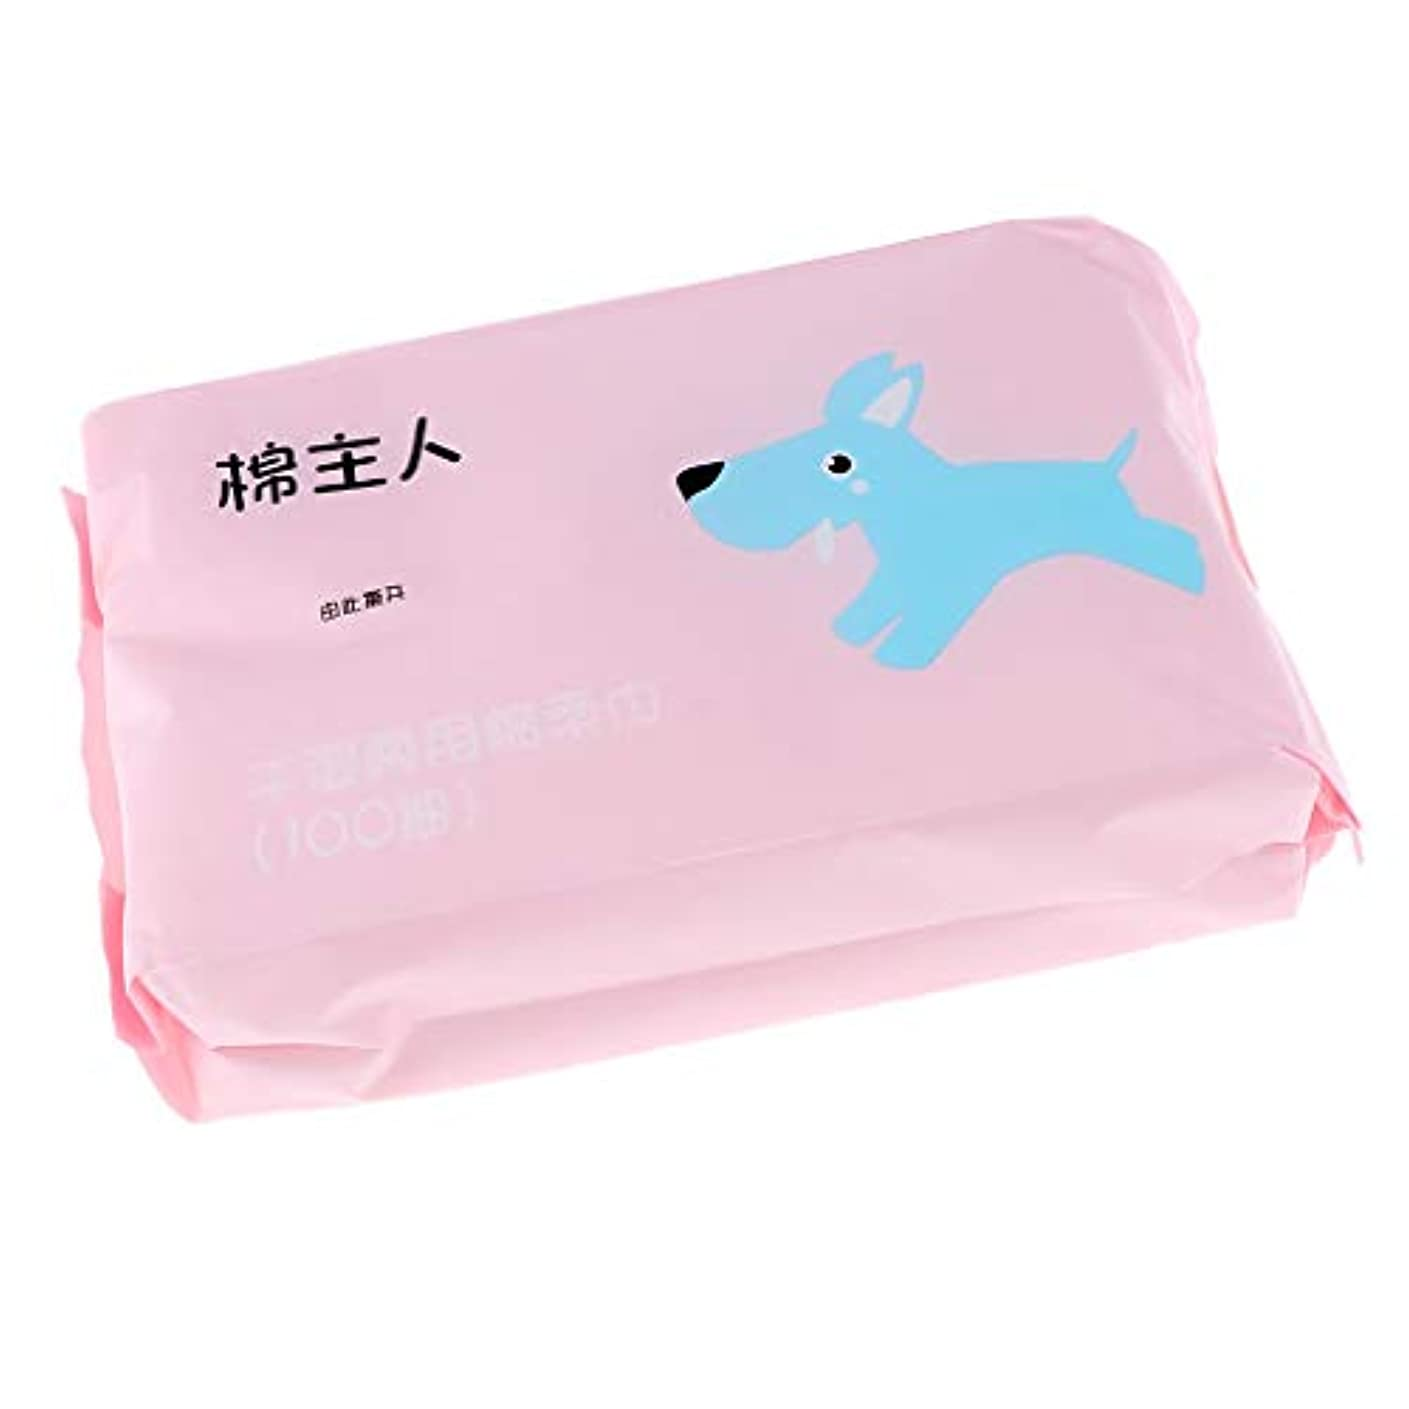 宿命司法エスカレート約100枚 クレンジングシート メイク落とし 使い捨て 不織布 非刺激 清潔 衛生 全2色 - ピンク